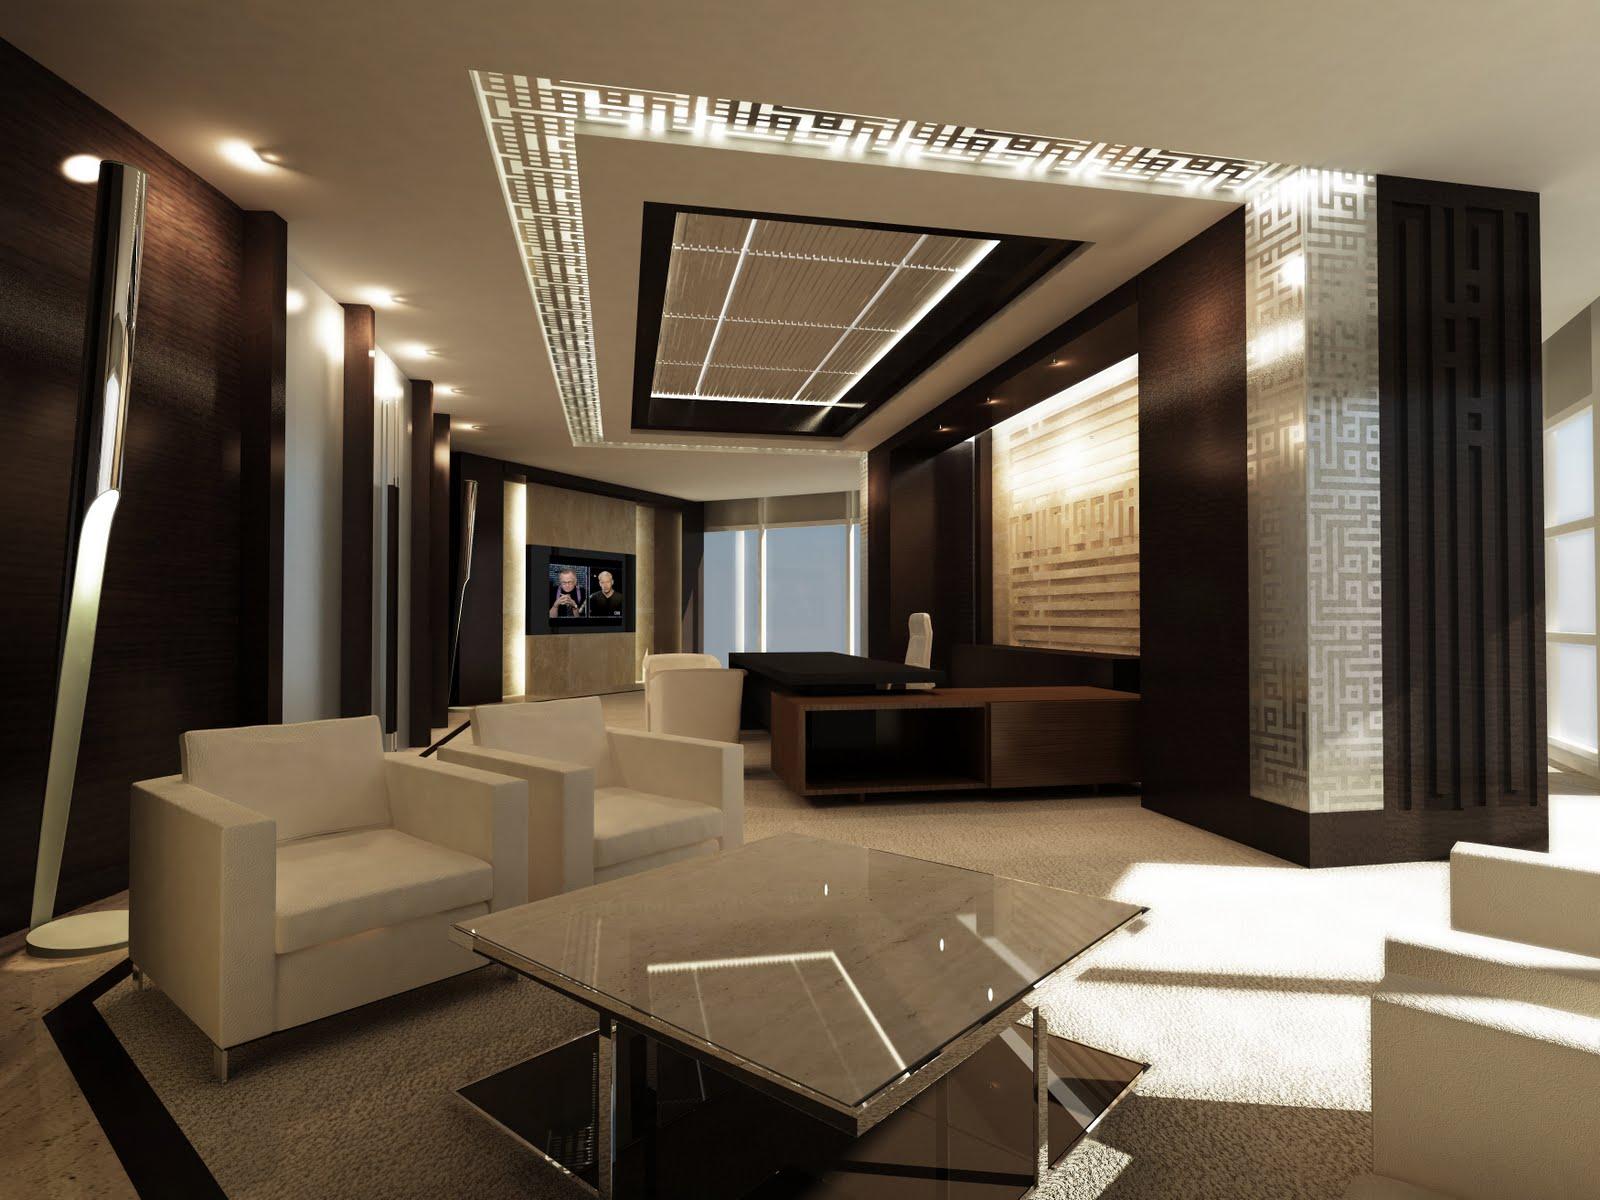 Tawazen interior design l l c july 2011 - Casa interior design ...